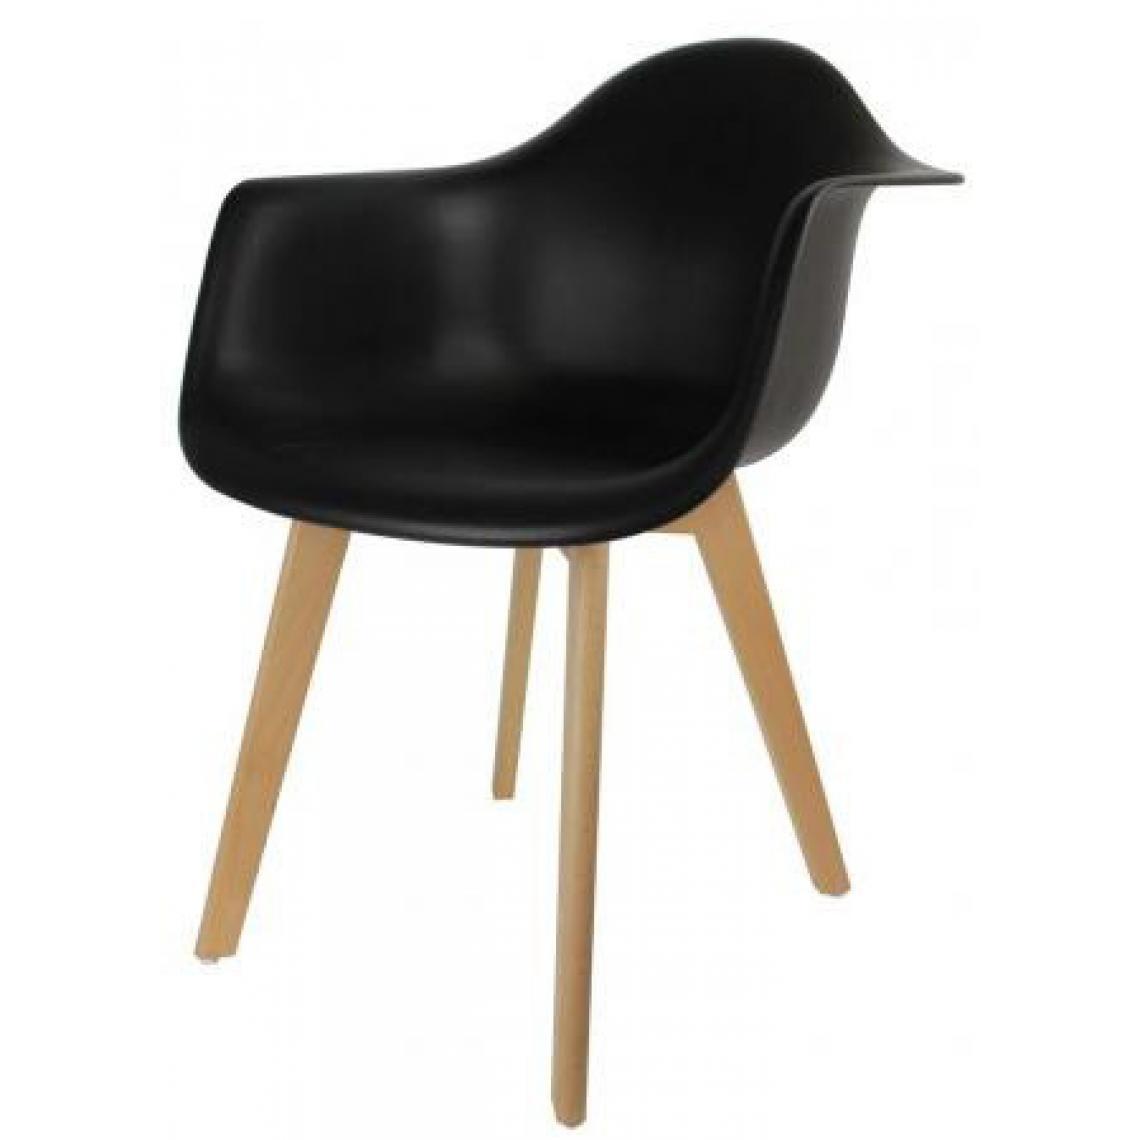 chaise scandinave avec accoudoir noir vogar 3suisses. Black Bedroom Furniture Sets. Home Design Ideas